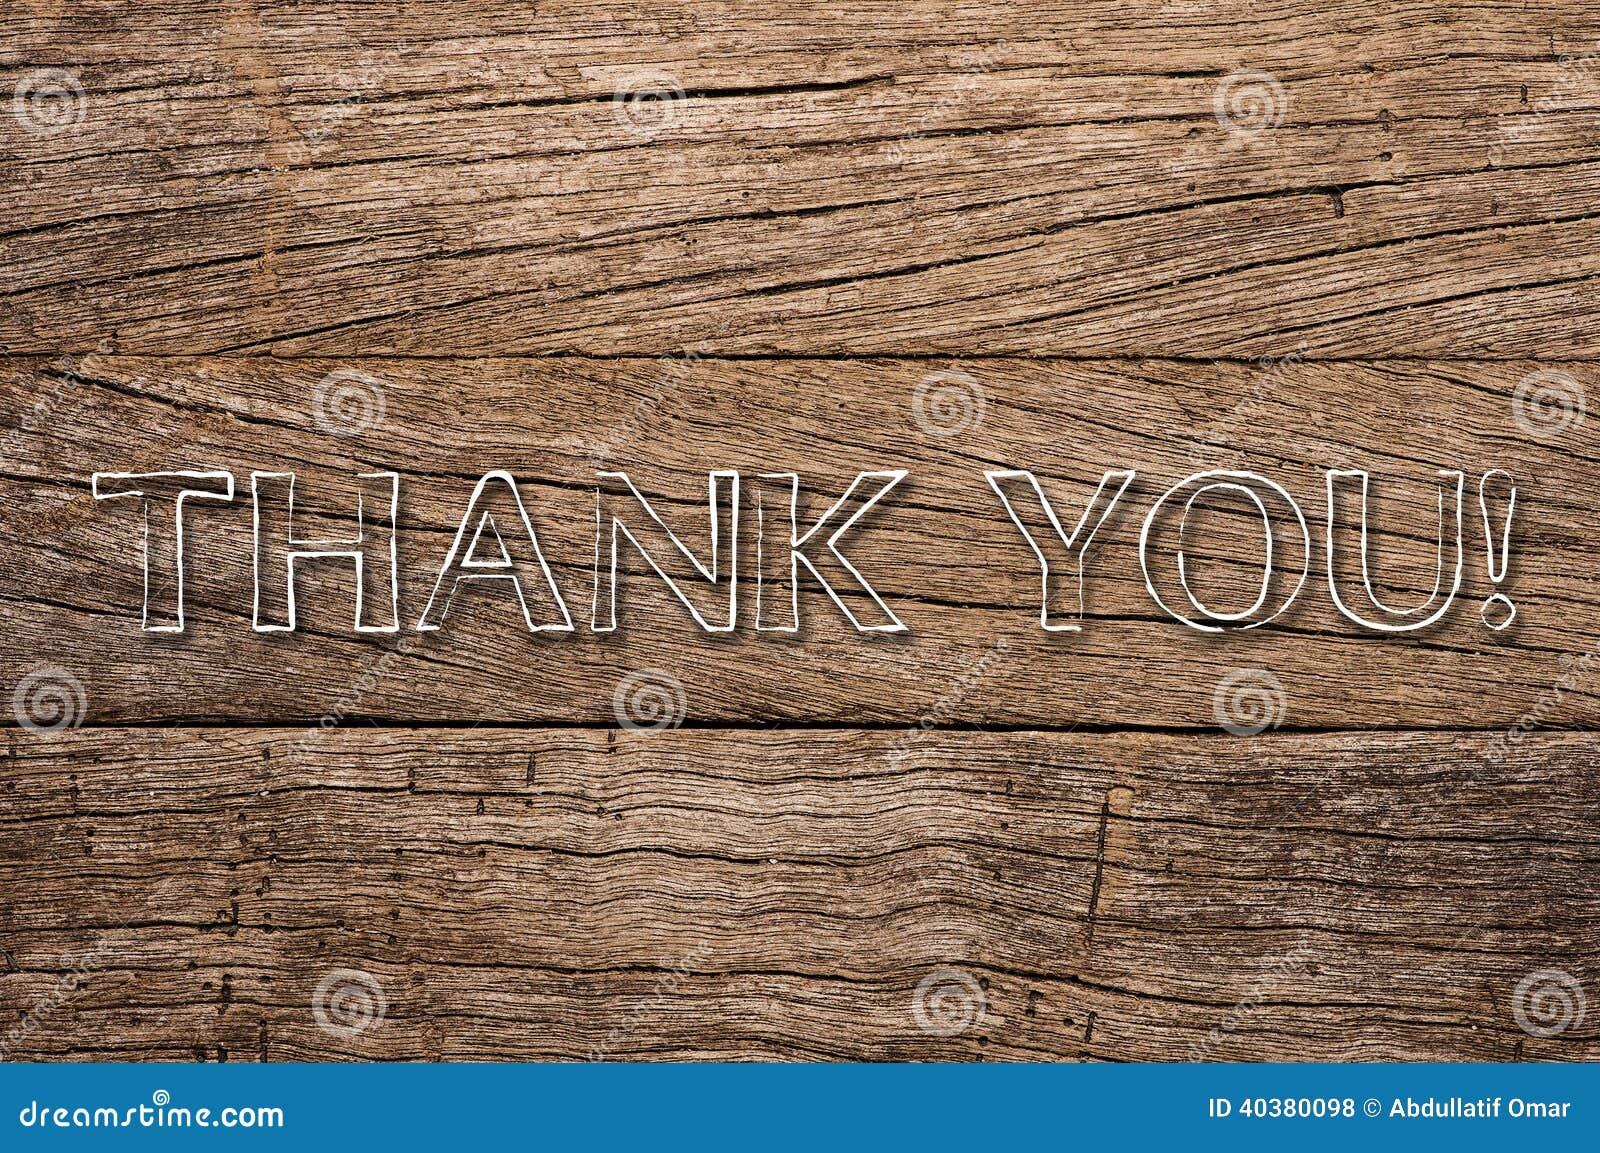 Gracias escrito en fondo de madera foto de archivo for Fondos de escrito